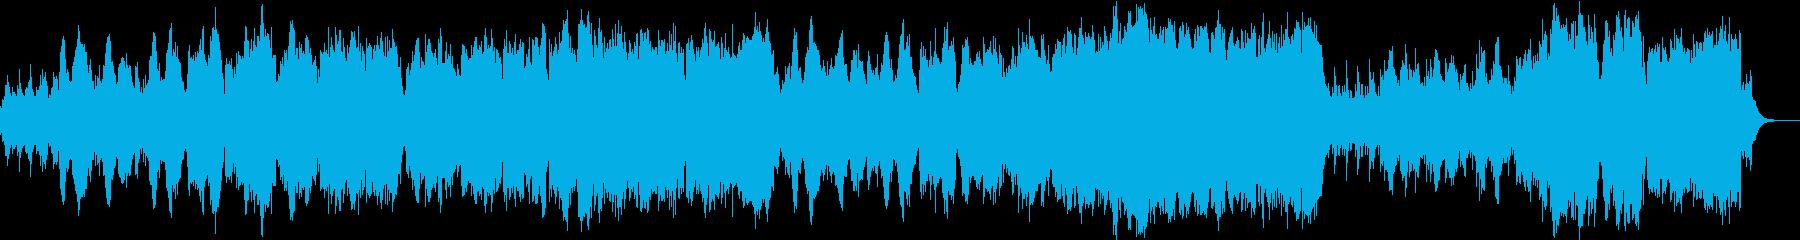 KAWAII GEISHAの再生済みの波形